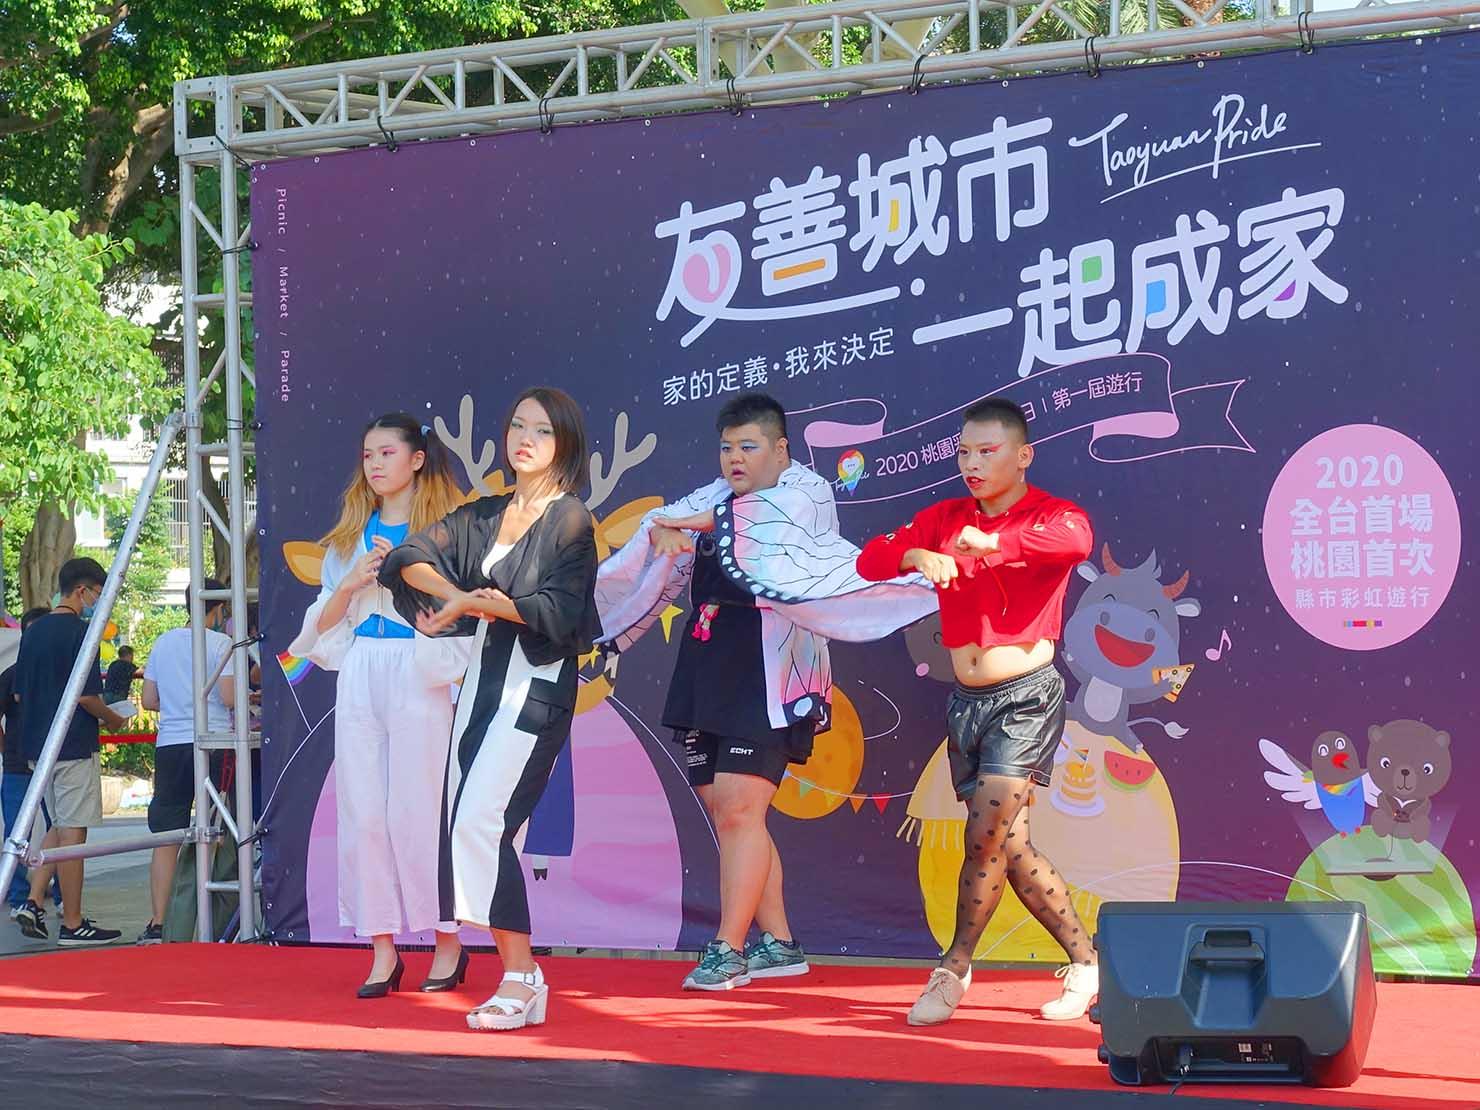 台湾・桃園のLGBTプライド「桃園彩虹野餐日」2020会場の特設ステージ